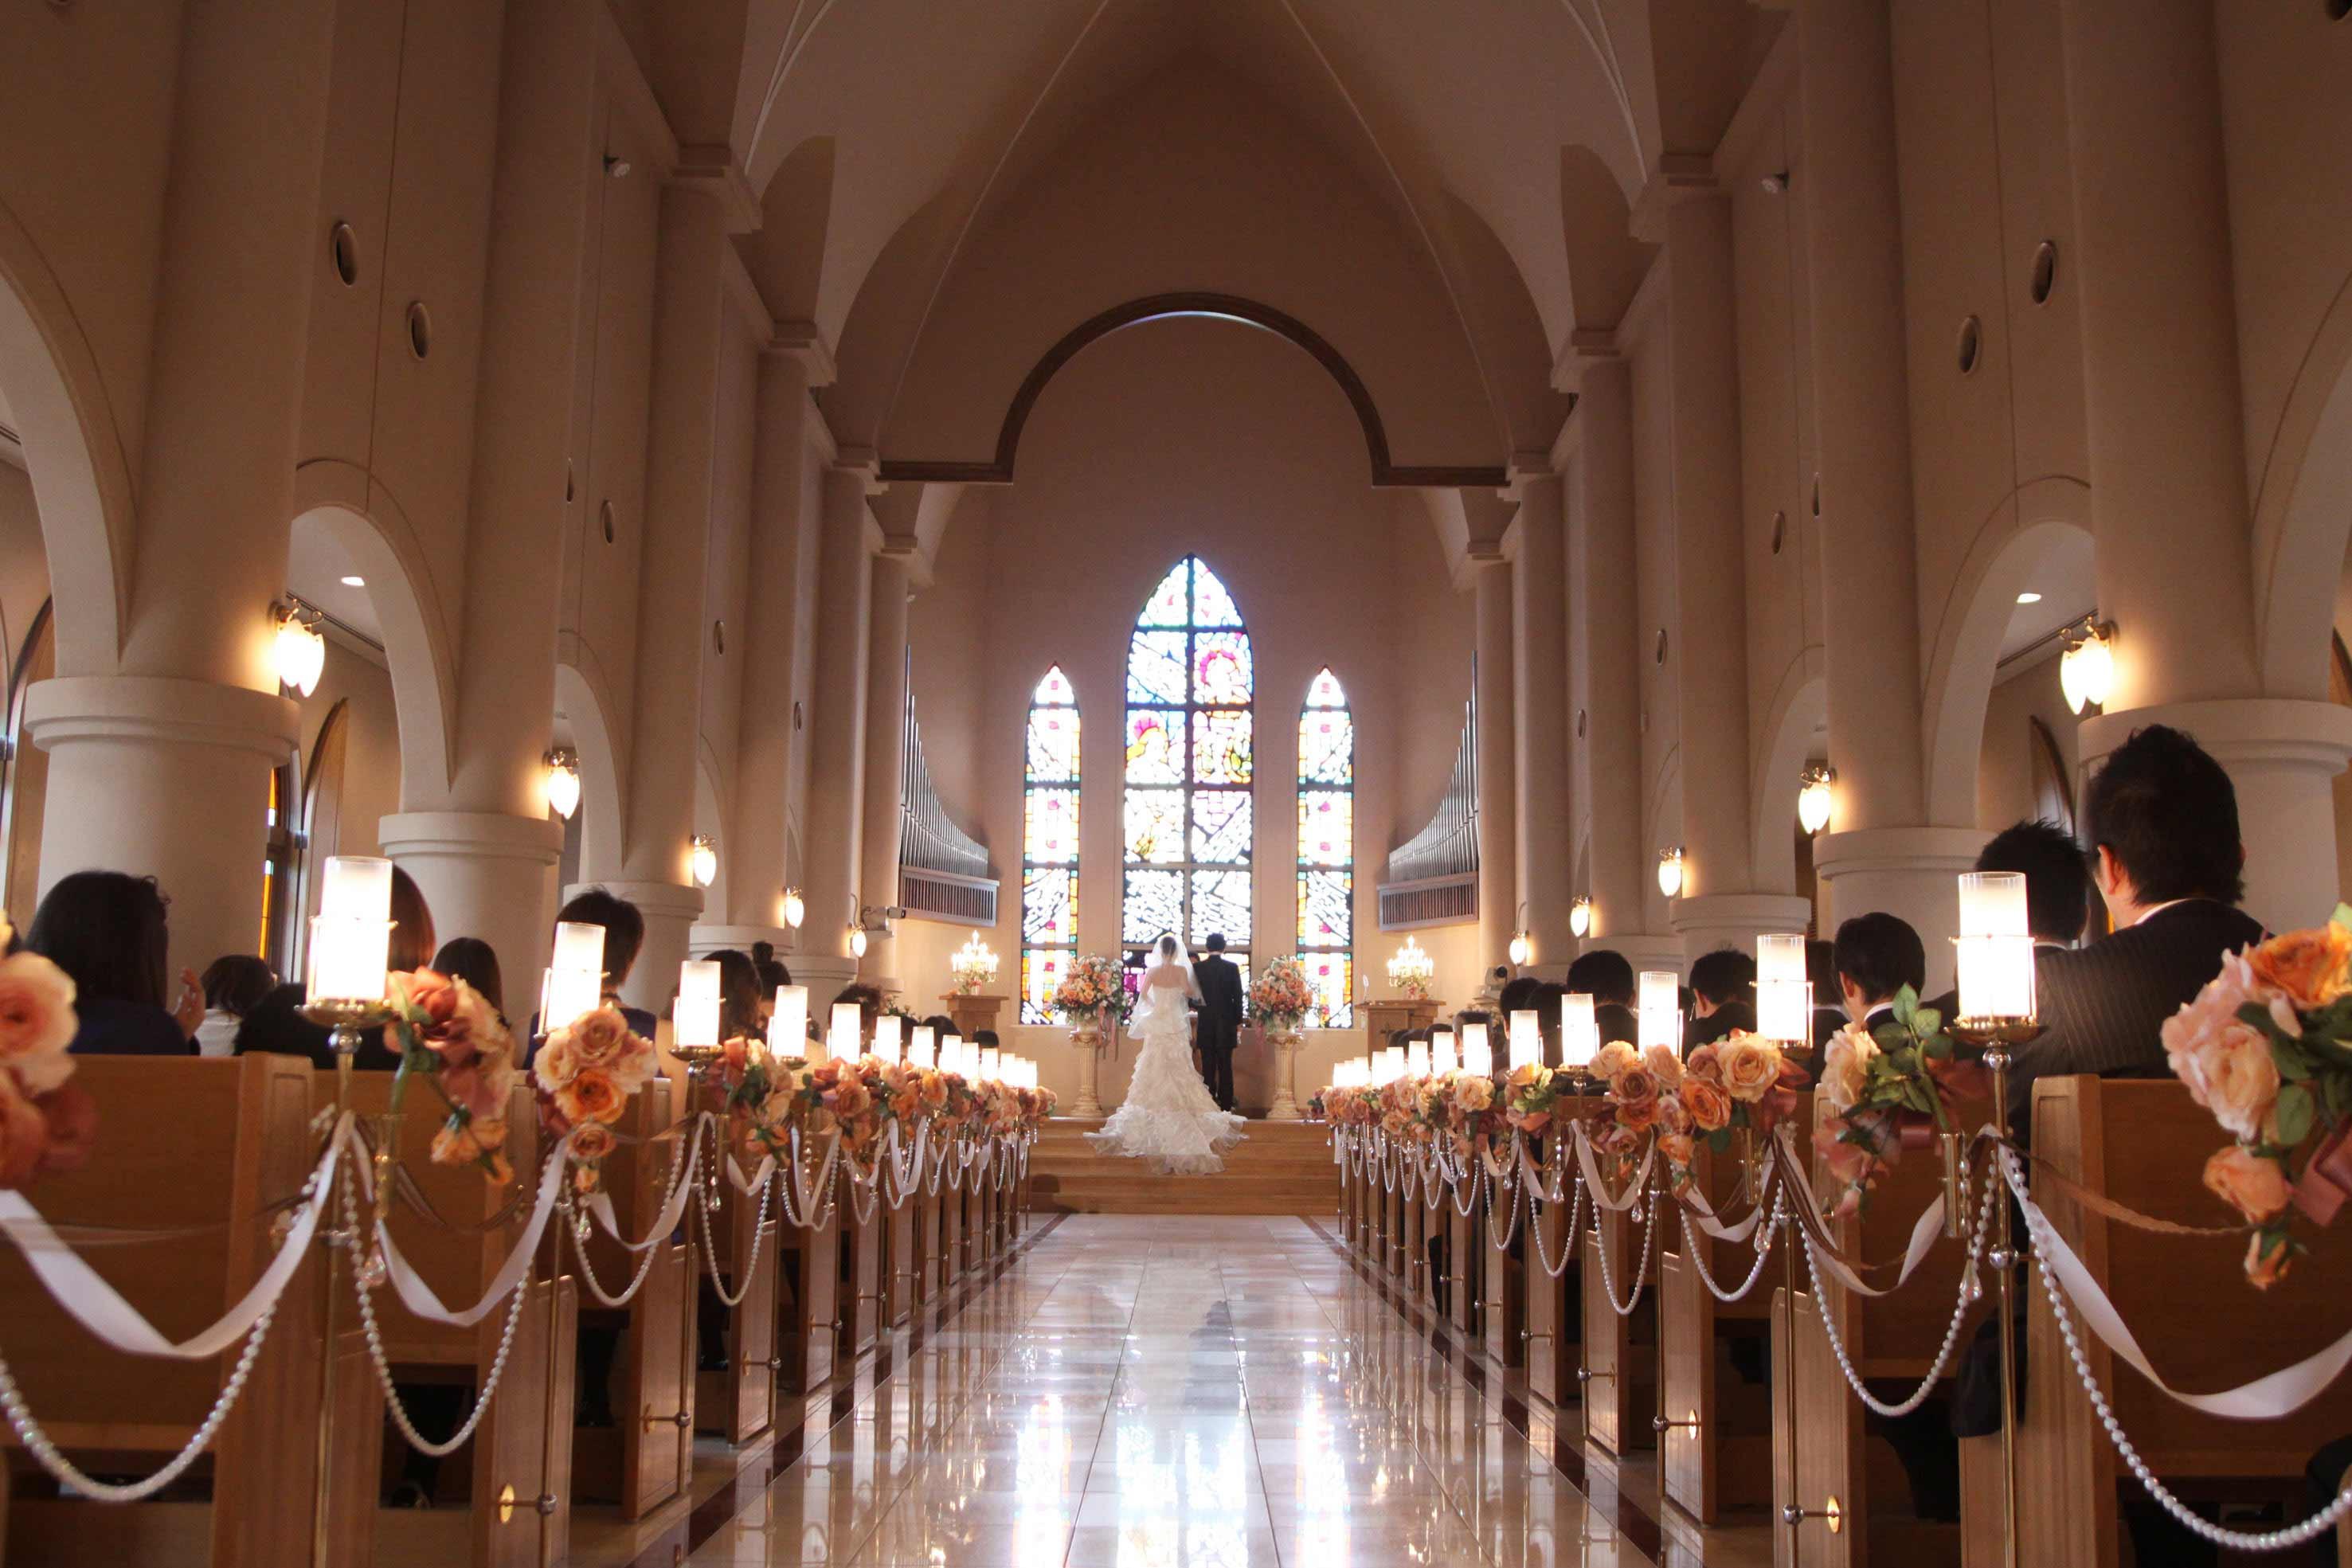 Deko Hochzeit Kirche  Trauung Kirche Deko Bildergalerie Hochzeitsportal24